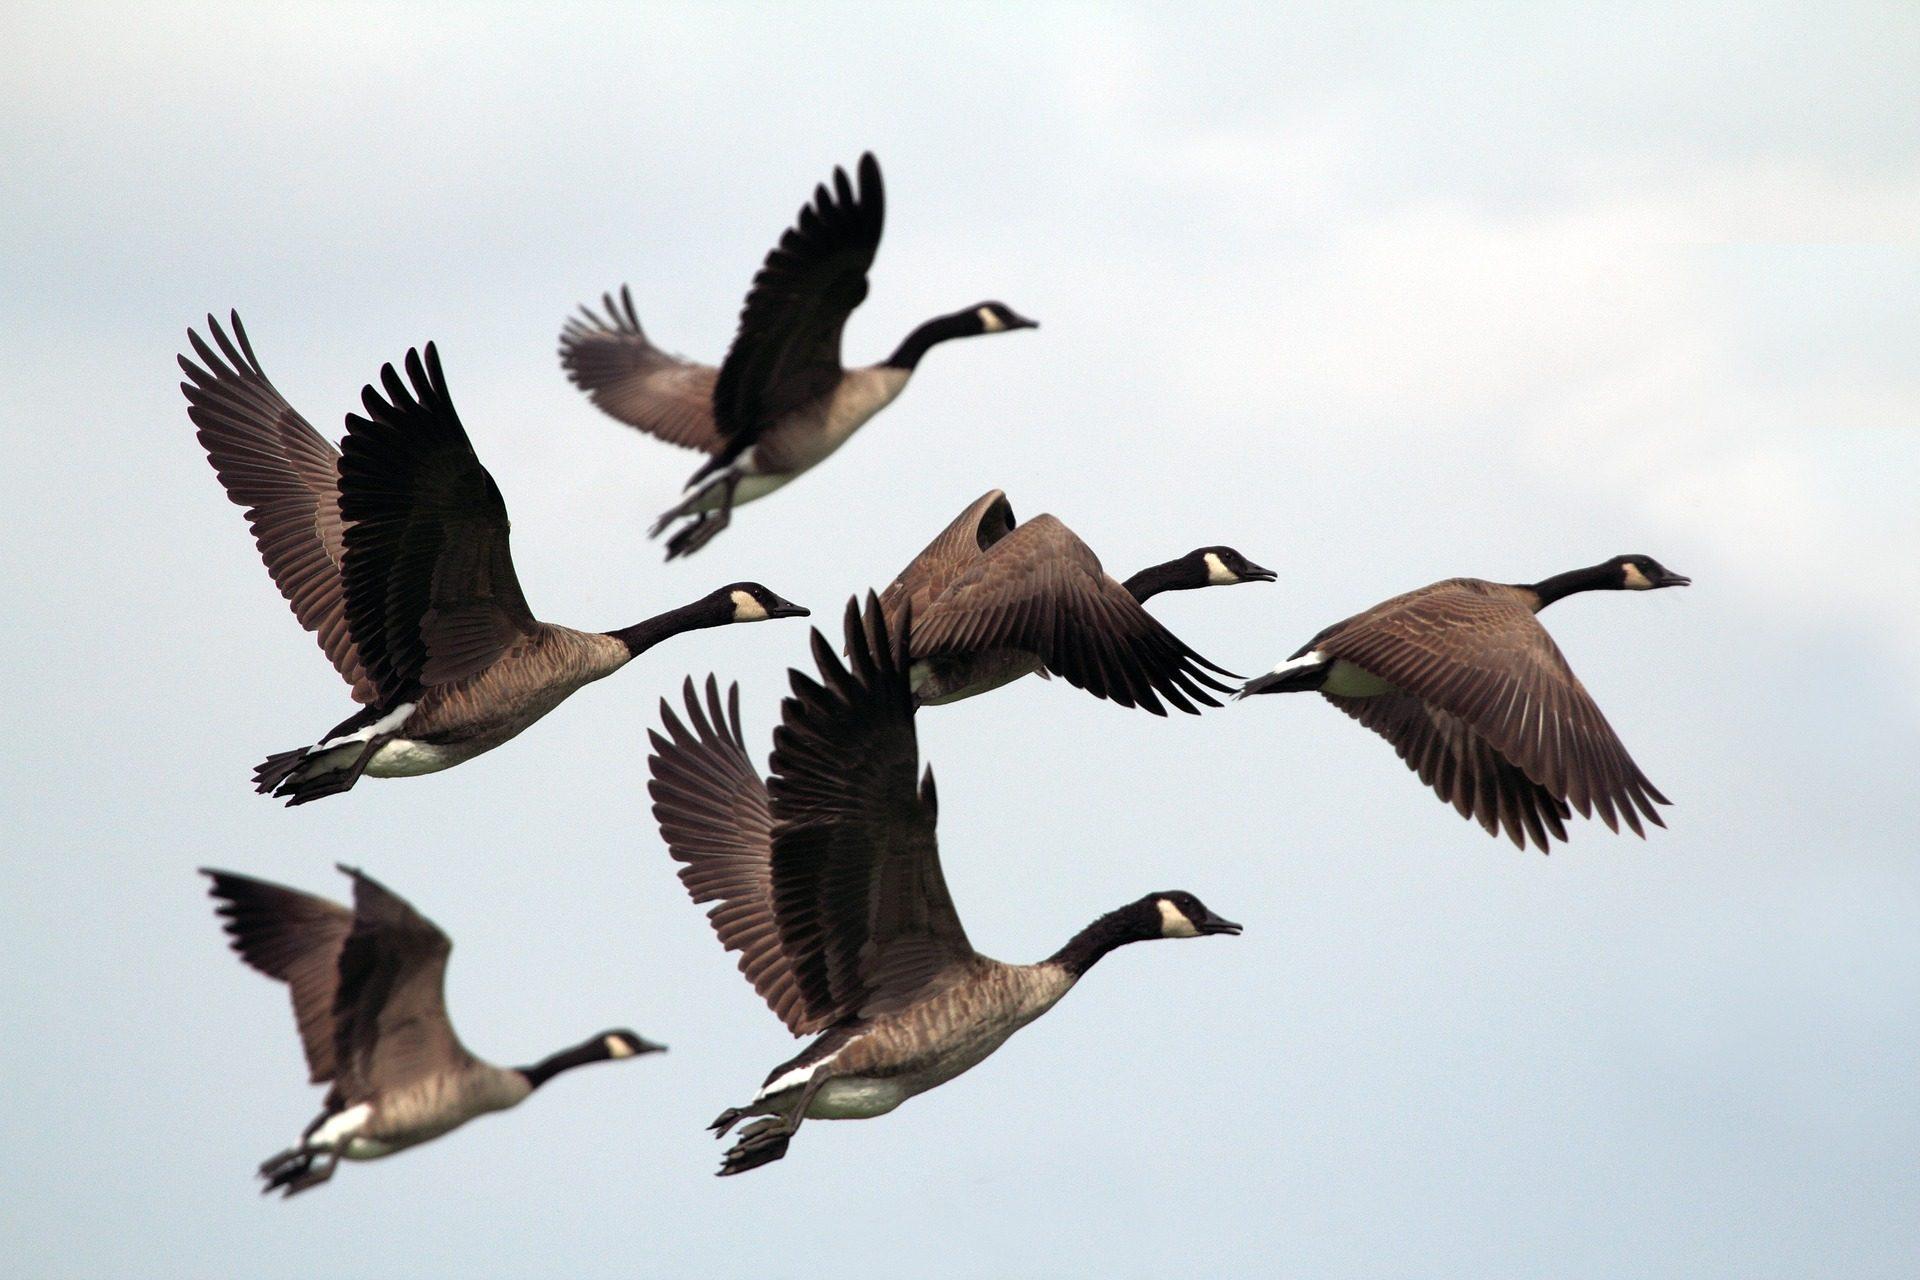 anatre, Gregge, volare, Migración, Ali, Cielo - Sfondi HD - Professor-falken.com